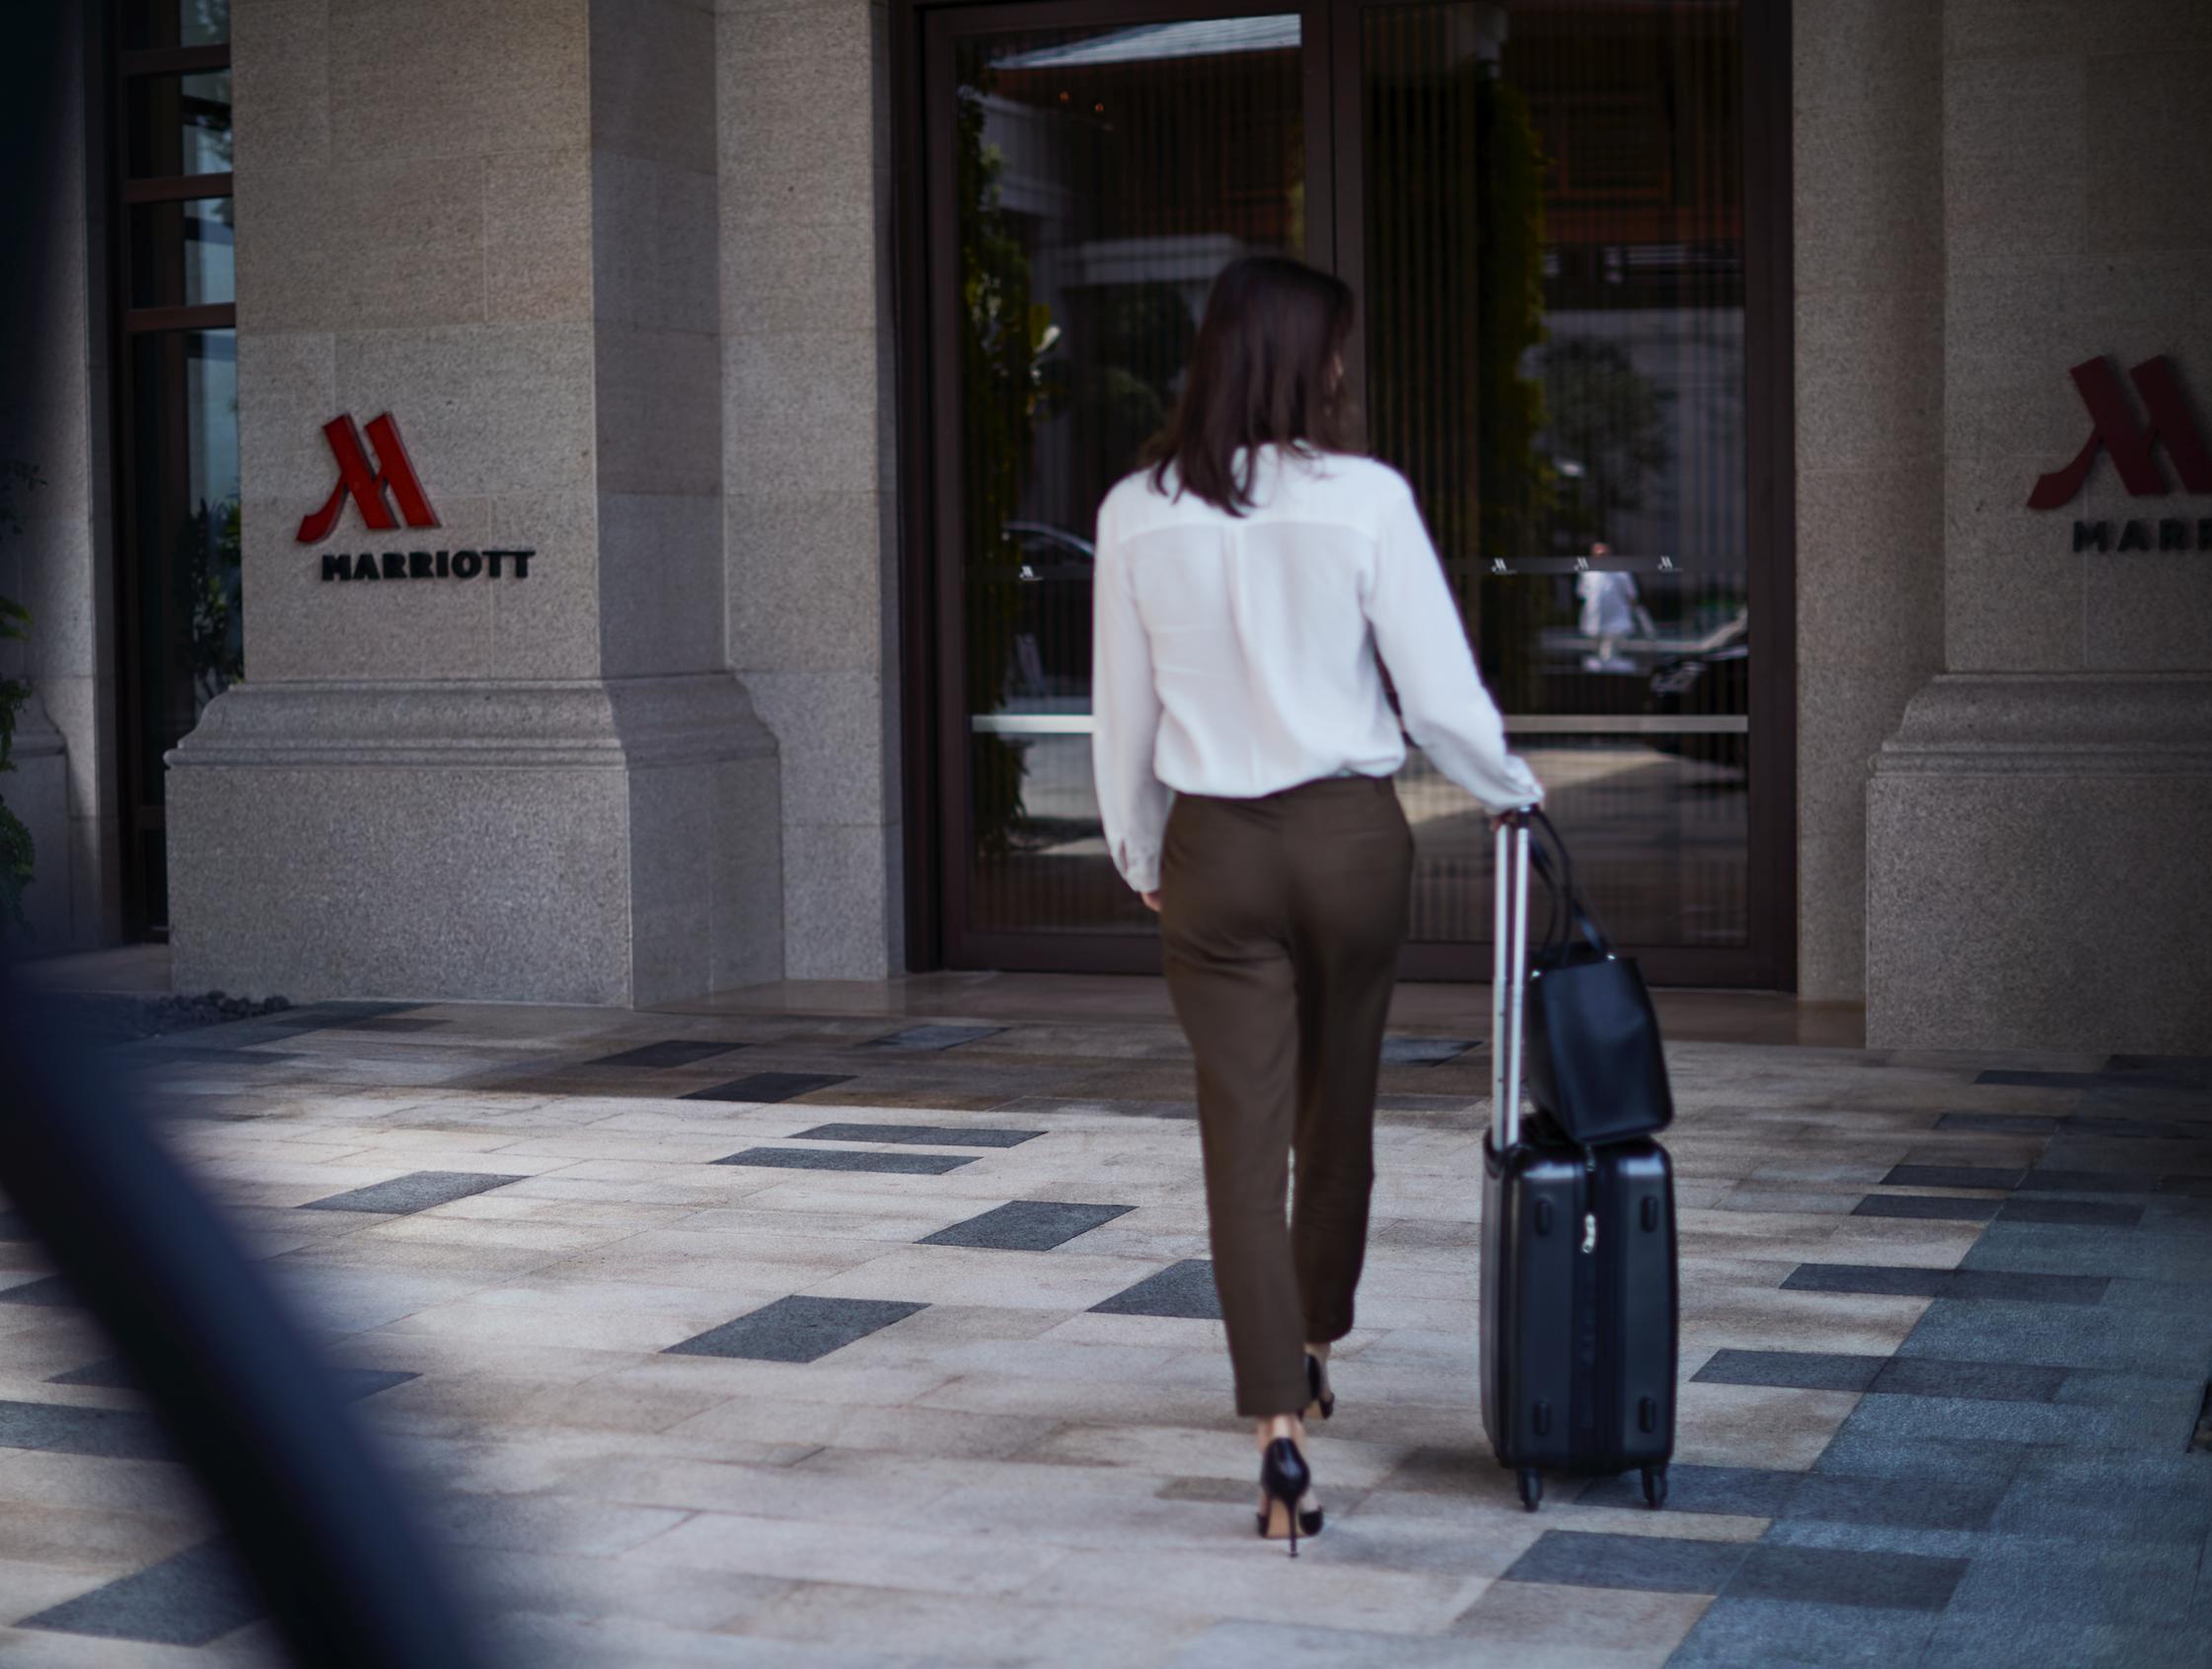 Marriott-koncernen er idømt af bøde fra EU på over 800 millioner kroner for ikke at have passet på gæsternes data. Nu har en af de berørte gæster anlagt sag på vegne af flere millioner gæster, så de også får kompensation. Arkivpressefoto fra Marriott International.